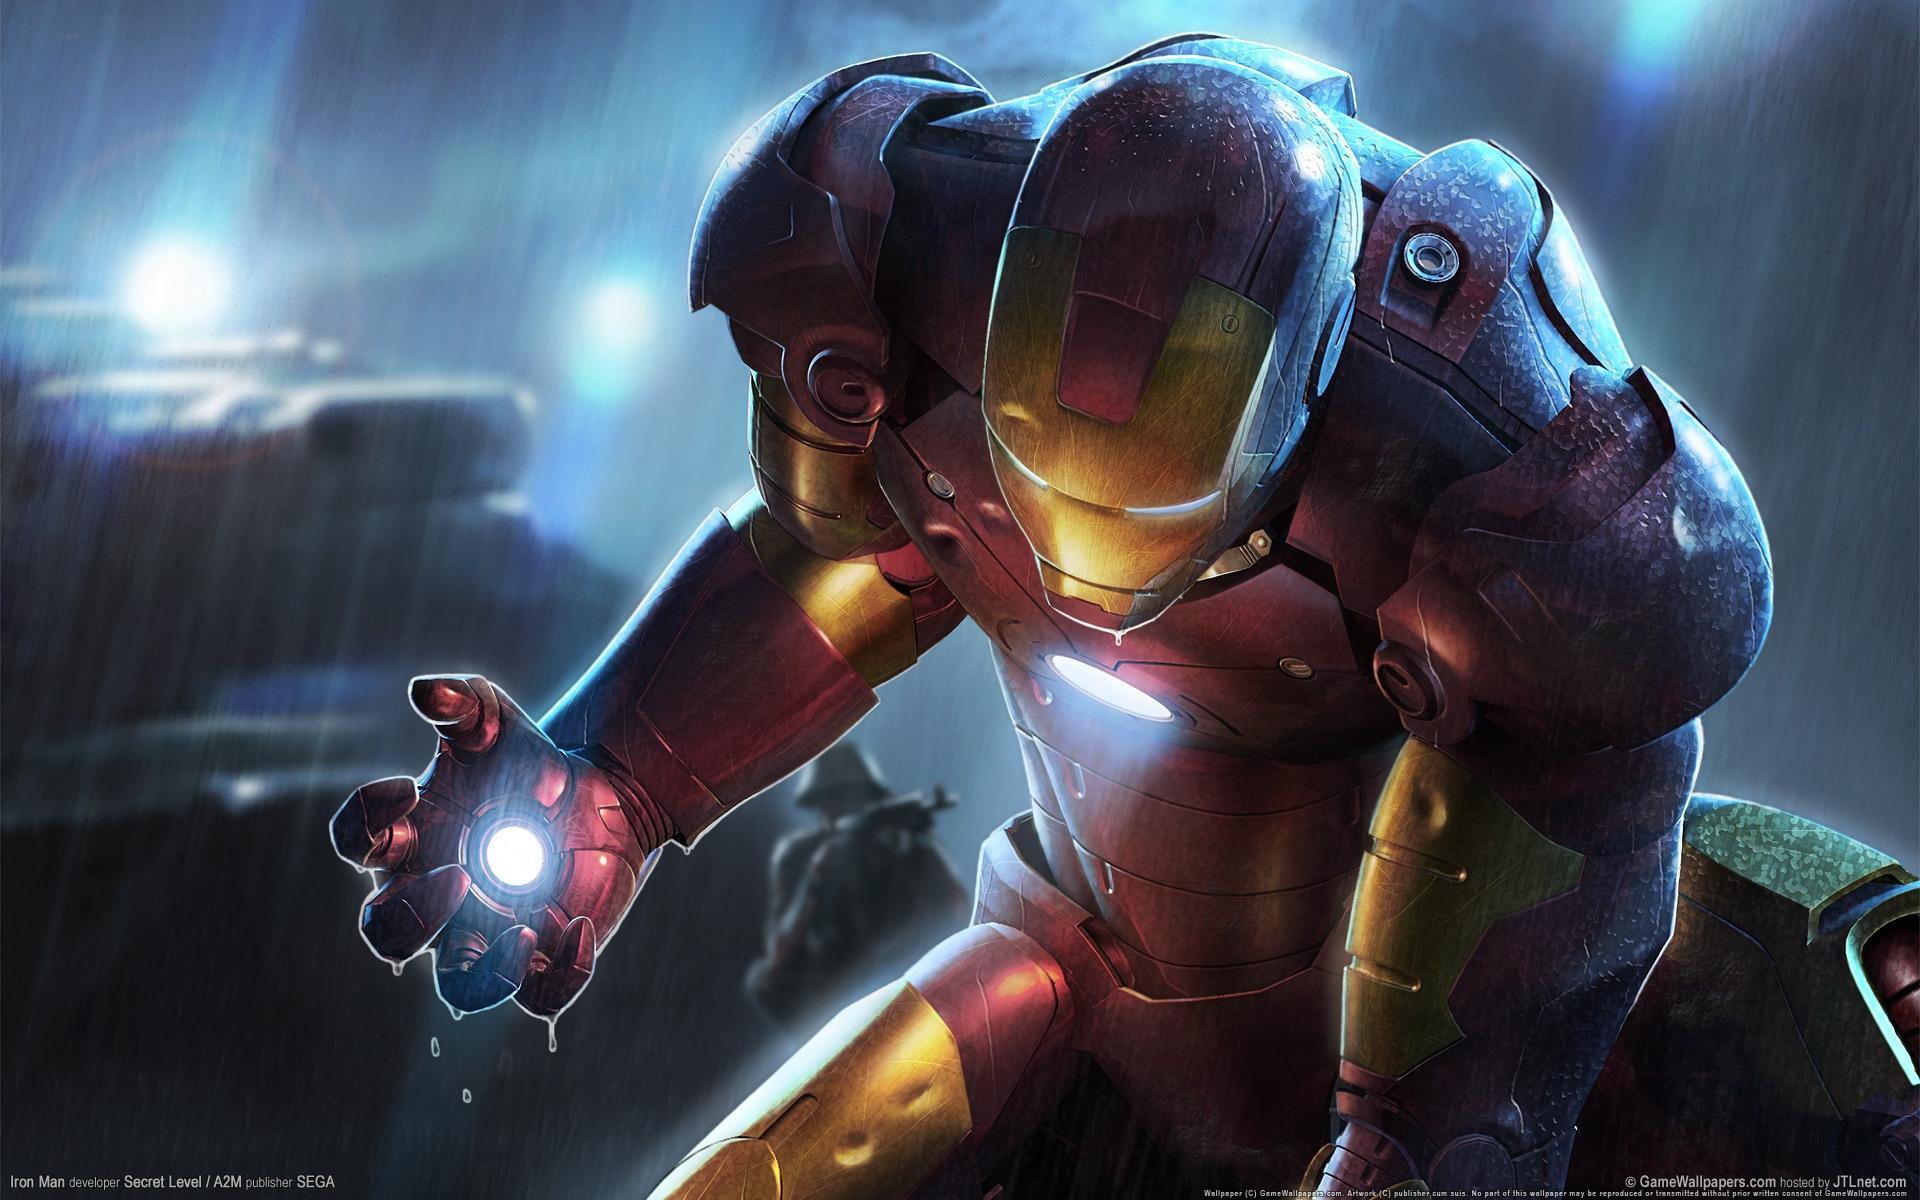 Обои игры игра Games Pubg Playerunknowns картинки на: Iron Man, Game, Pc Games, игра, видео игры, компьютерные